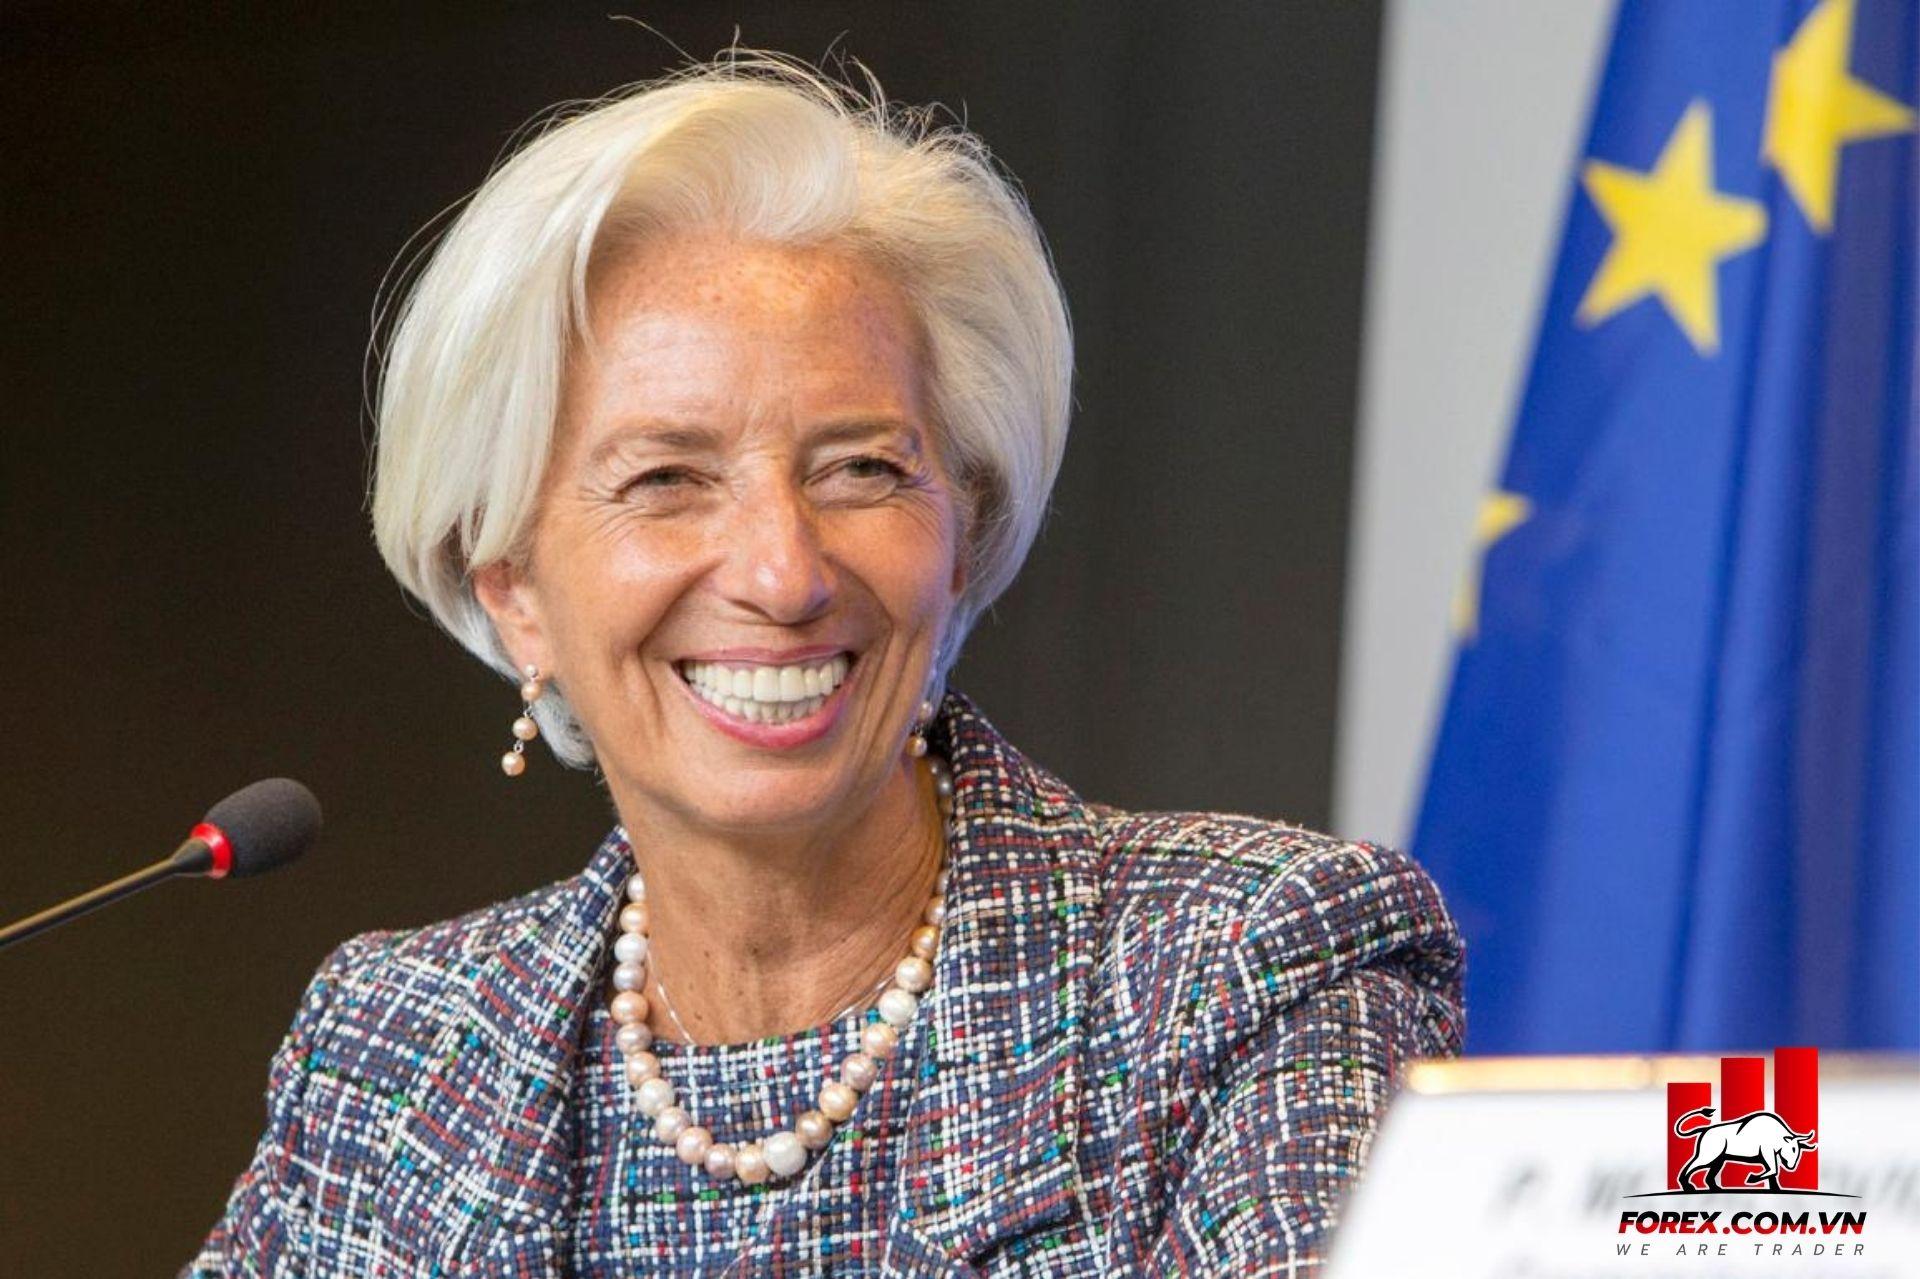 Chủ tịch Ngân hàng Trung ương châu Âu - Christine Lagarde